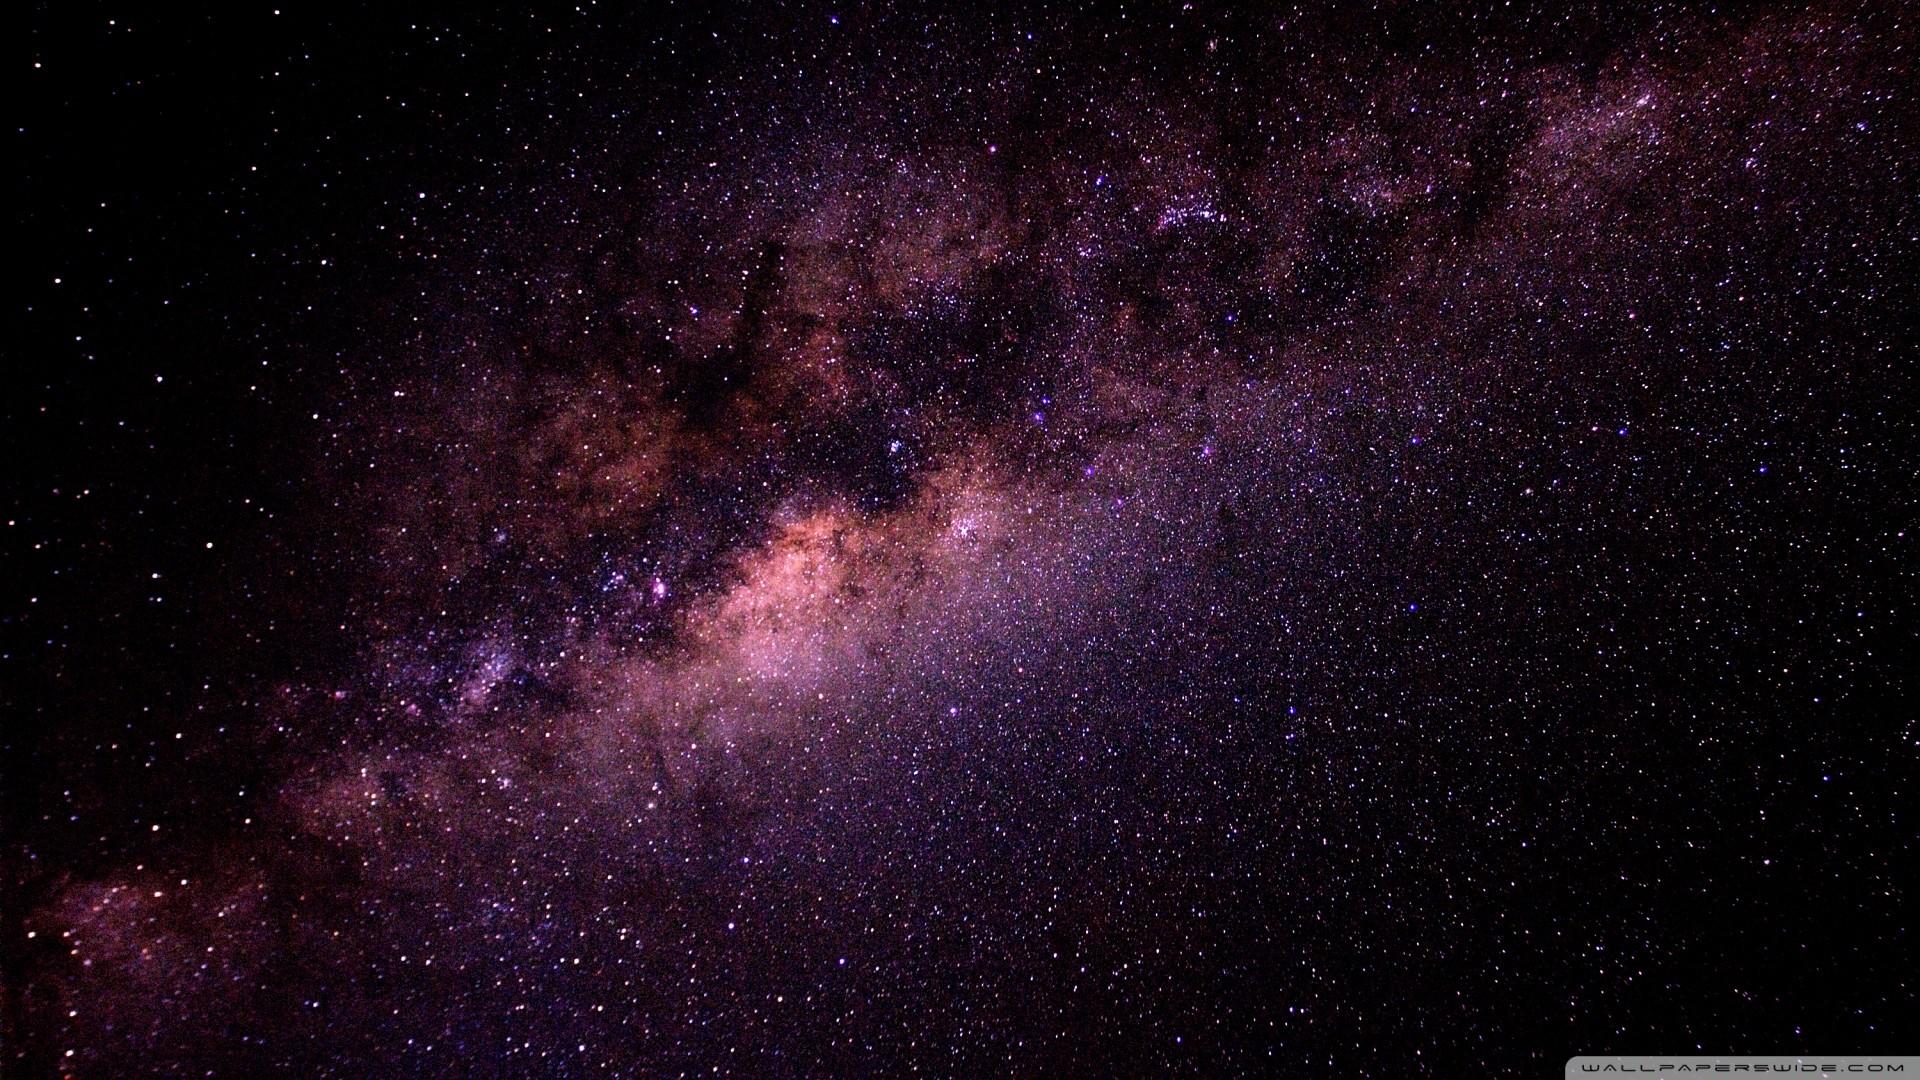 Milky Way Wallpaper. 1920×1080